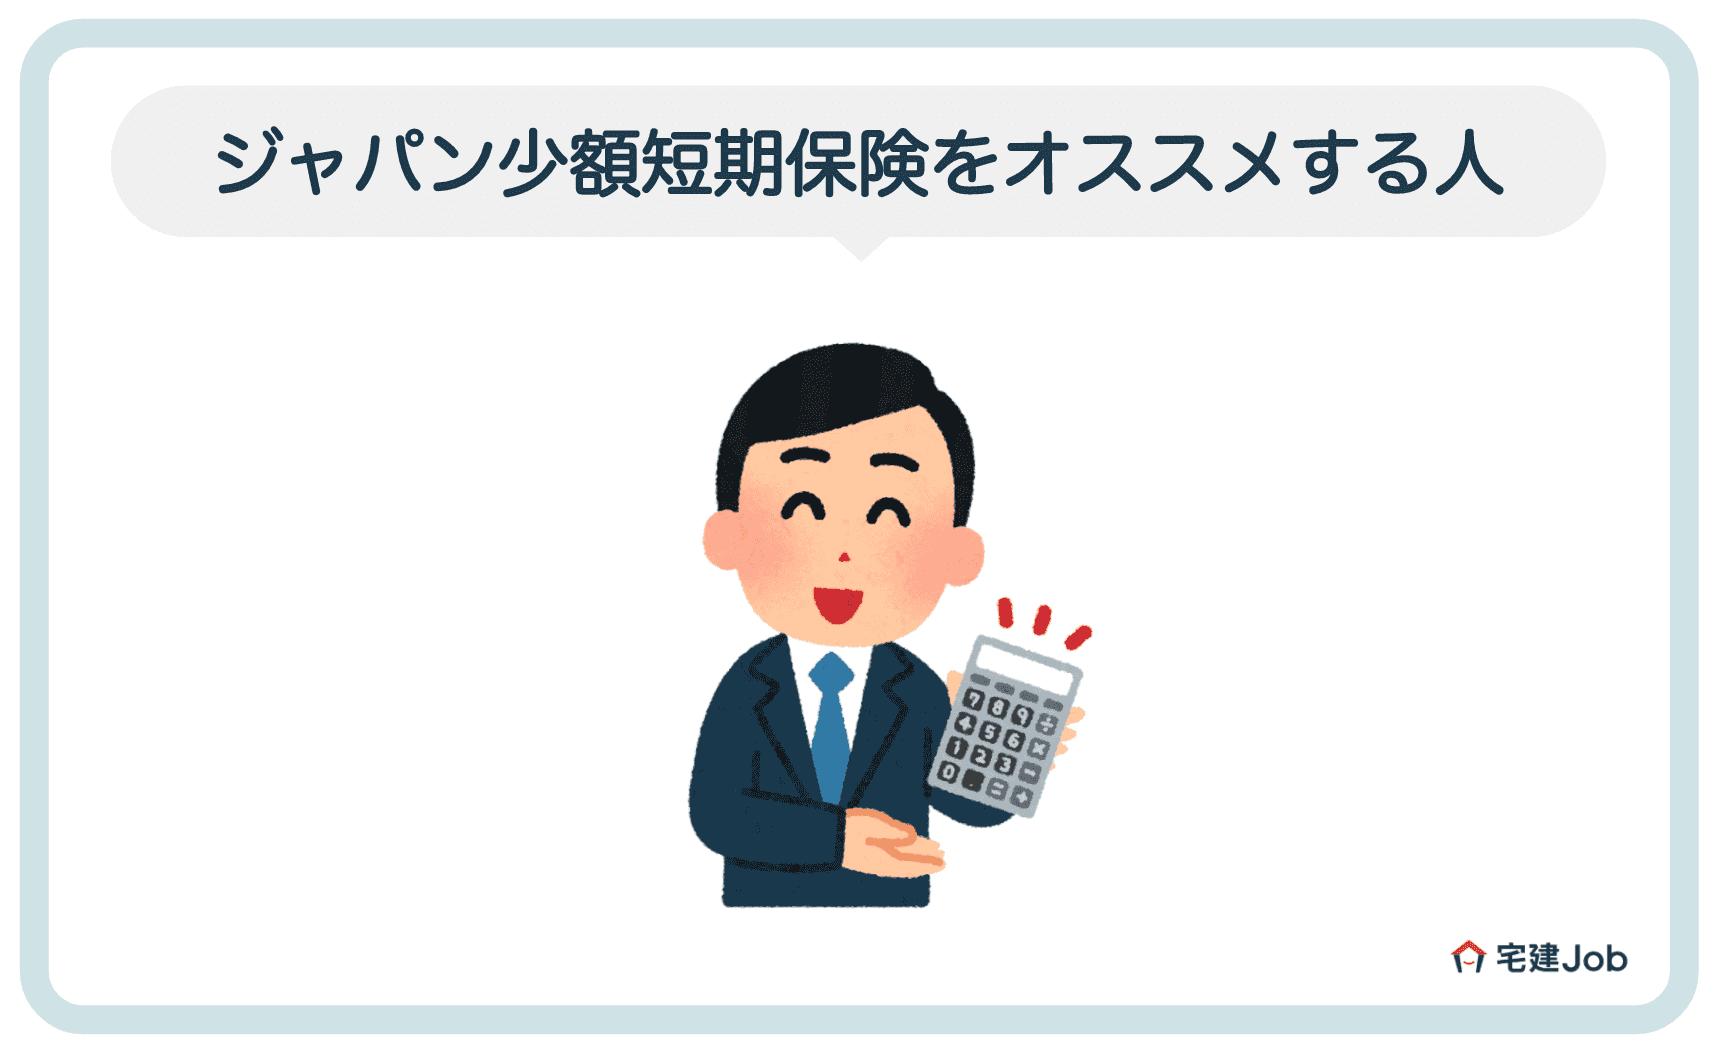 4.ジャパン少額短期保険をオススメする人